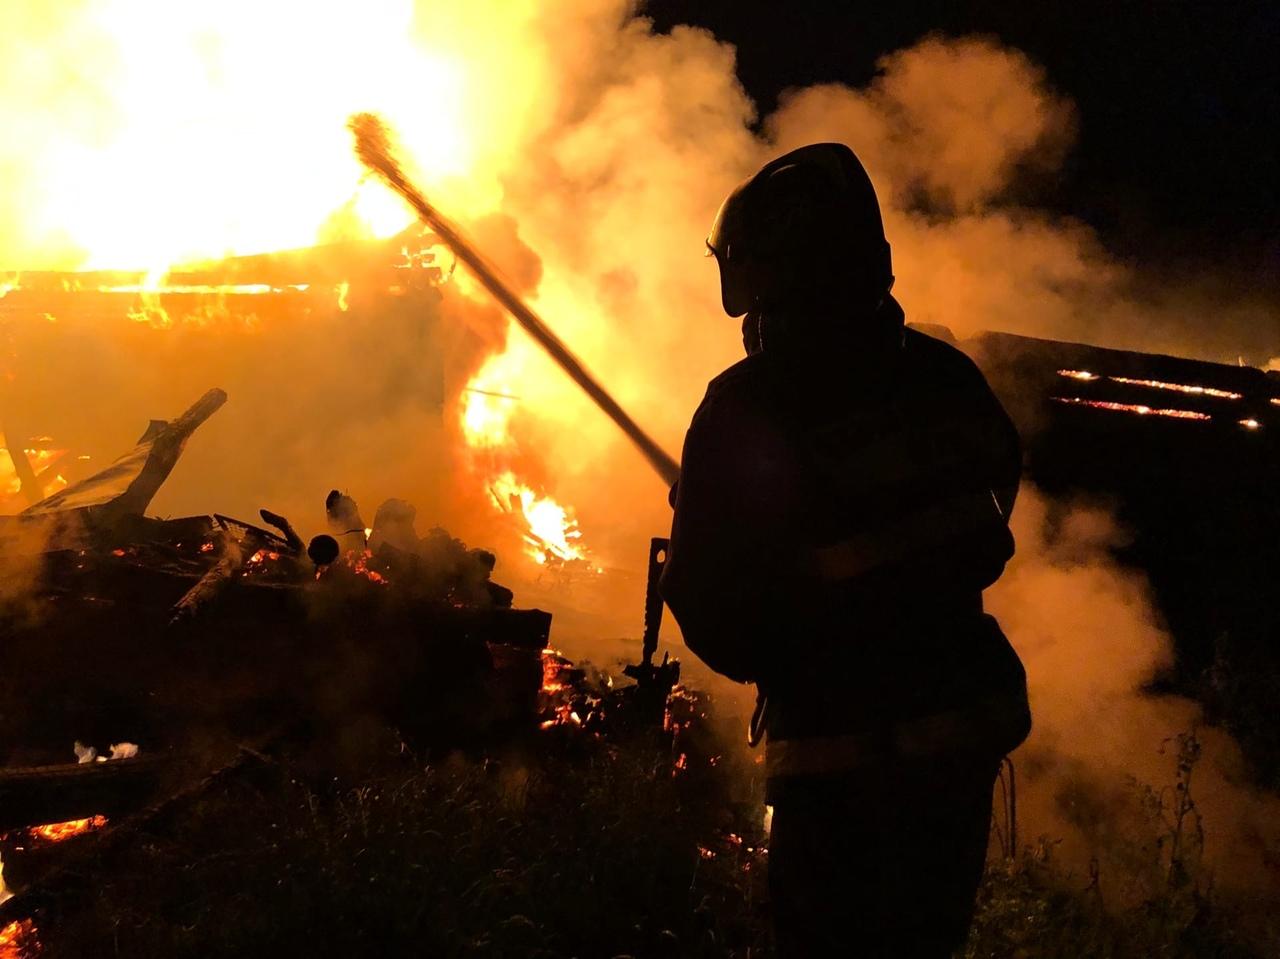 Пожар оставил без дома жителей КЧР